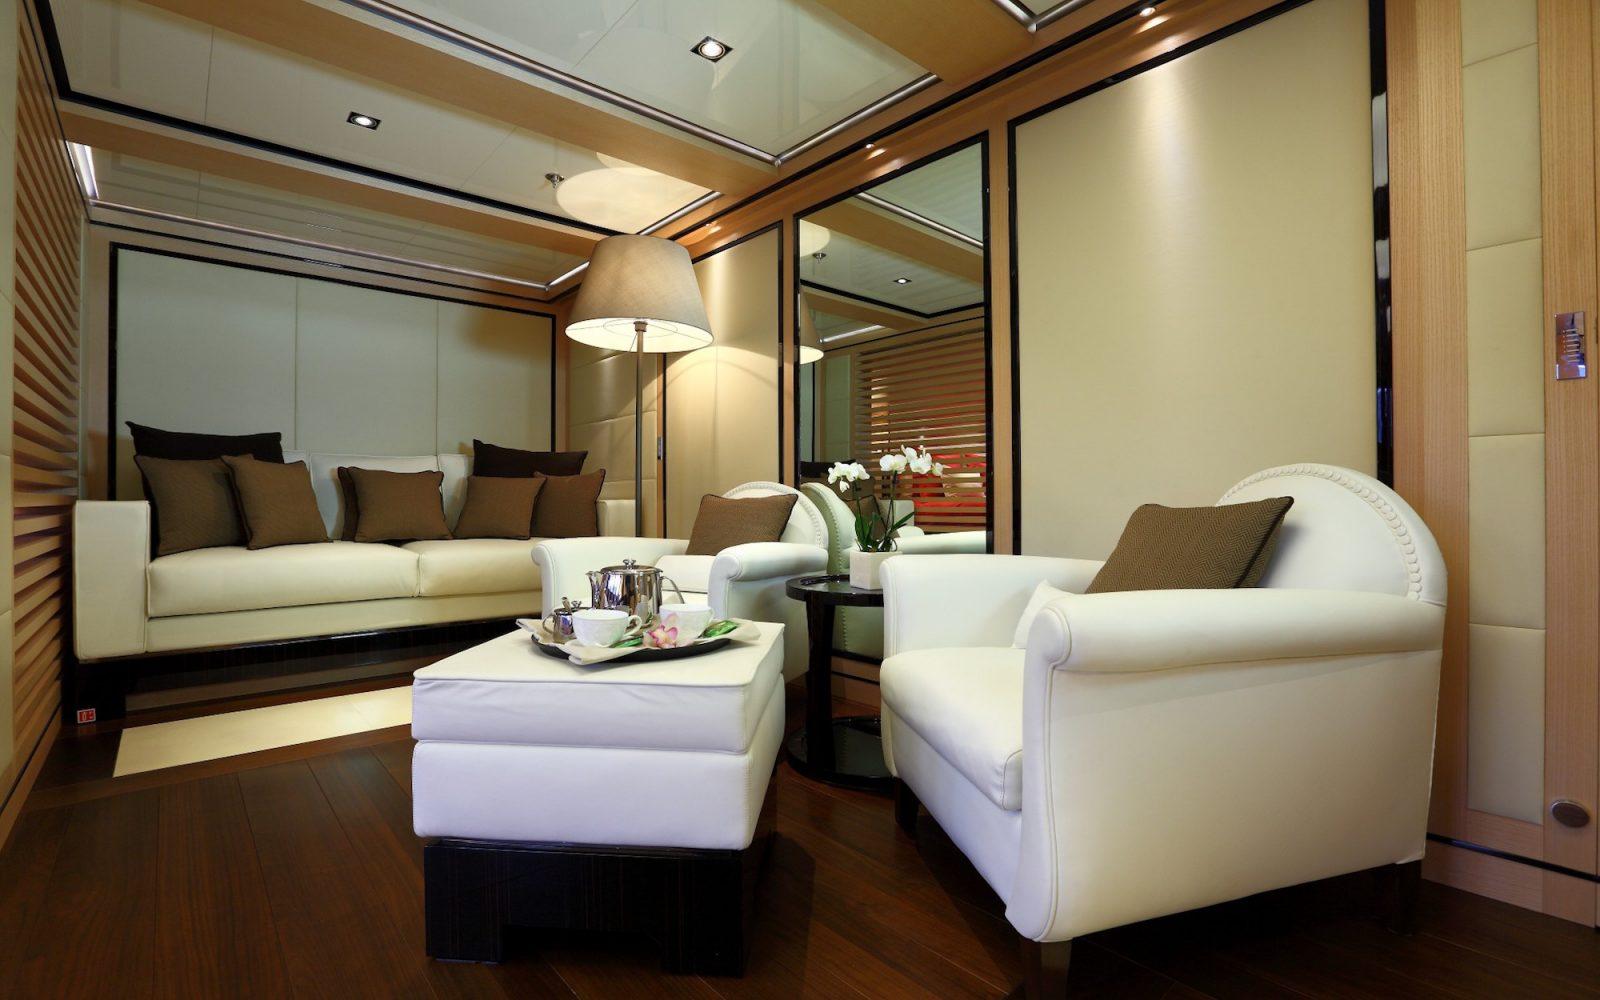 2 LADIES small sofa | 2 LADIES